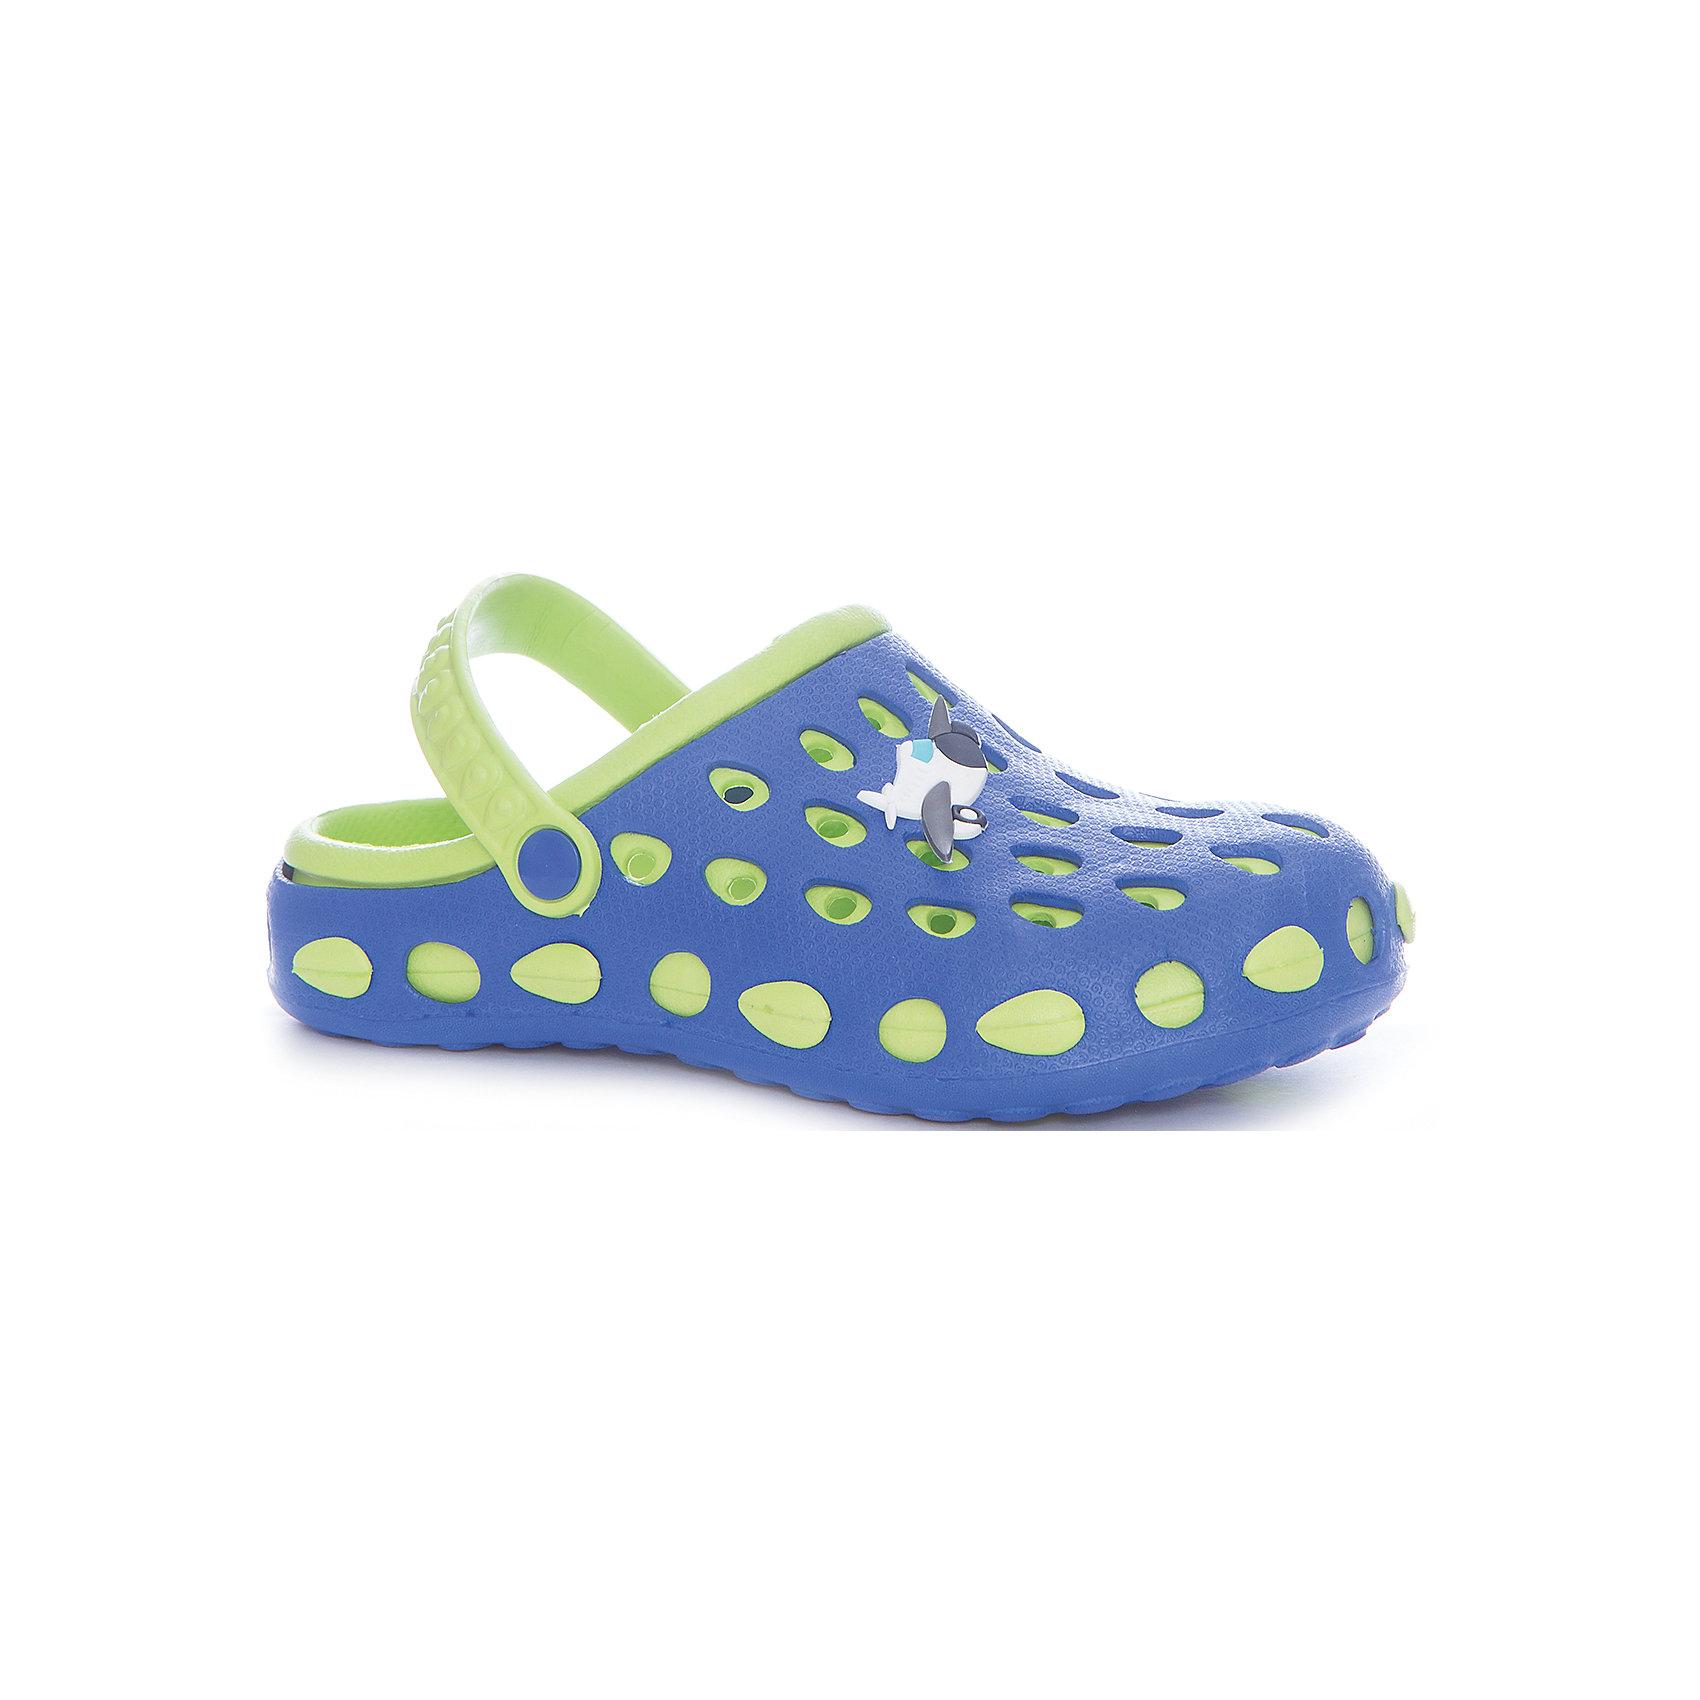 Сабо для мальчика MURSUПляжная обувь<br>Характеристики товара:<br><br>• цвет: синий<br>• внешний материал: ЭВА<br>• внутренний материал: ЭВА<br>• стелька: ЭВА<br>• подошва: ЭВА<br>• облегчённая модель<br>• подходит для пляжа <br>• удобная фиксация пятки<br>• отверстия для вентиляции<br>• устойчивая подошва<br>• страна бренда: Финляндия<br>• страна изгтовитель: Китай<br><br>Детям для правильного развития стопы и всего организма необходима качественная обувь. Эта удобная пляжная обувь поможет создать ногам ребенка комфортные условия, благодаря продуманной конструкции она отлично сидит на ноге. Это отличный вариант правильной и красивой детской обуви!<br><br>Сабо от финского бренда MURSU (МУРСУ) можно купить в нашем интернет-магазине.<br><br>Ширина мм: 248<br>Глубина мм: 135<br>Высота мм: 147<br>Вес г: 256<br>Цвет: разноцветный<br>Возраст от месяцев: 132<br>Возраст до месяцев: 144<br>Пол: Мужской<br>Возраст: Детский<br>Размер: 35,30,31,32,33,34<br>SKU: 5326058